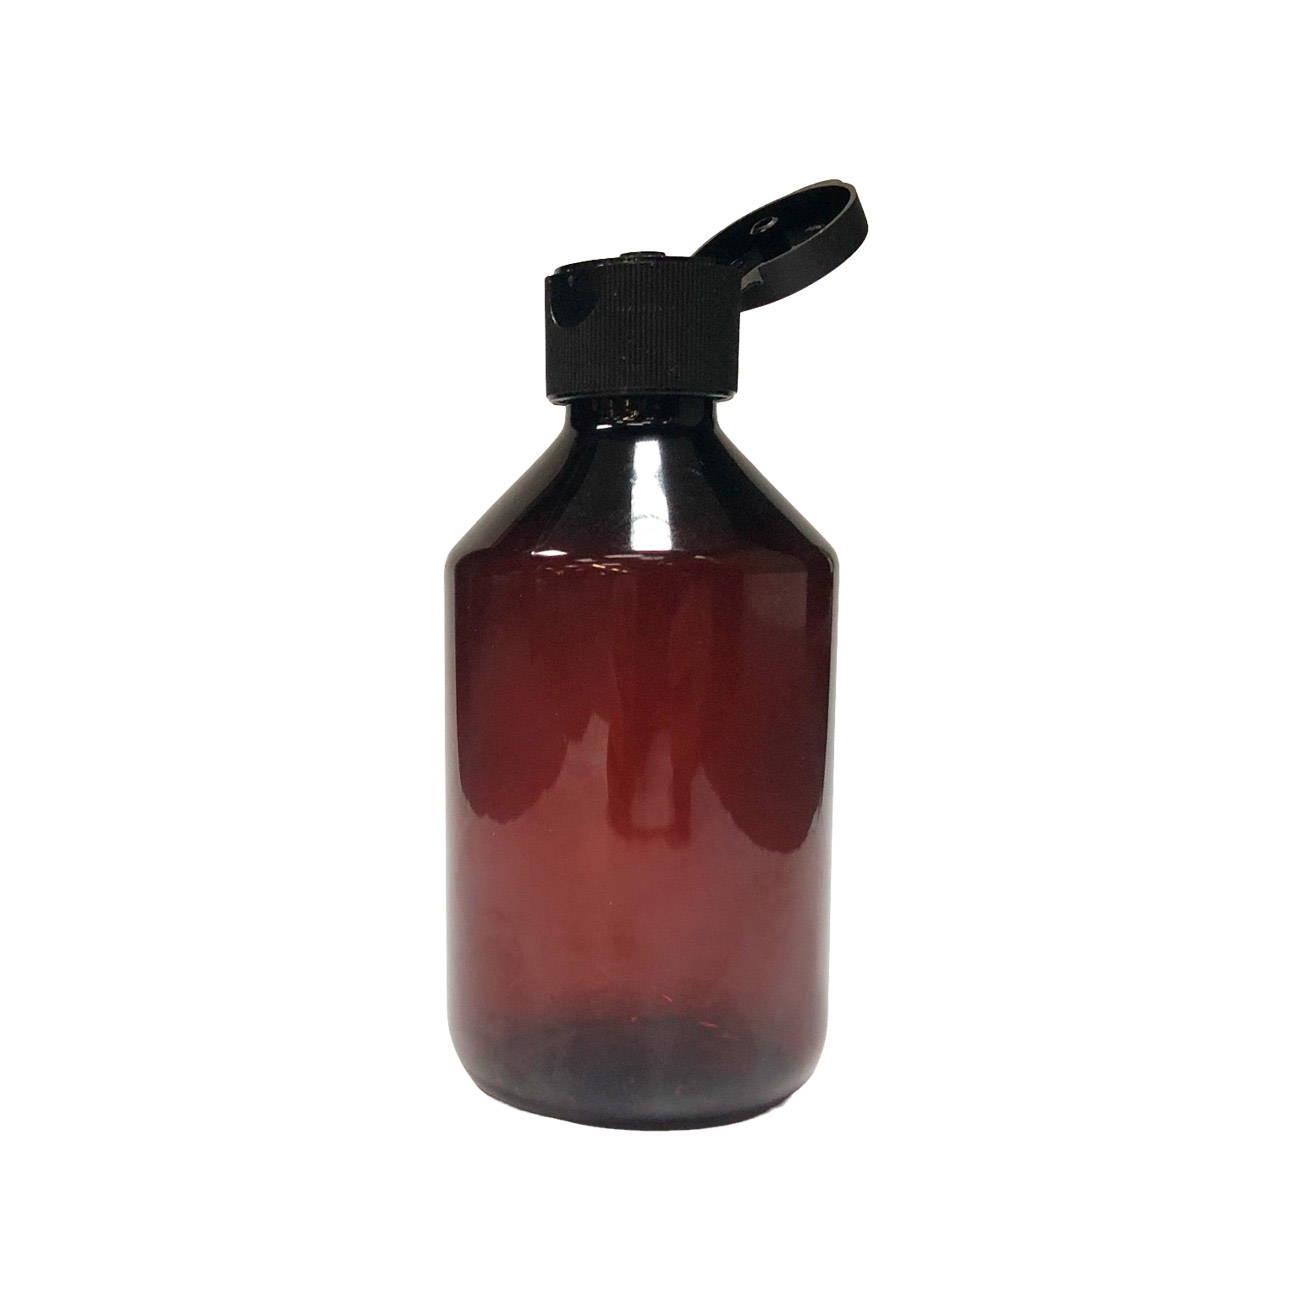 28mm black cap on amber bottle